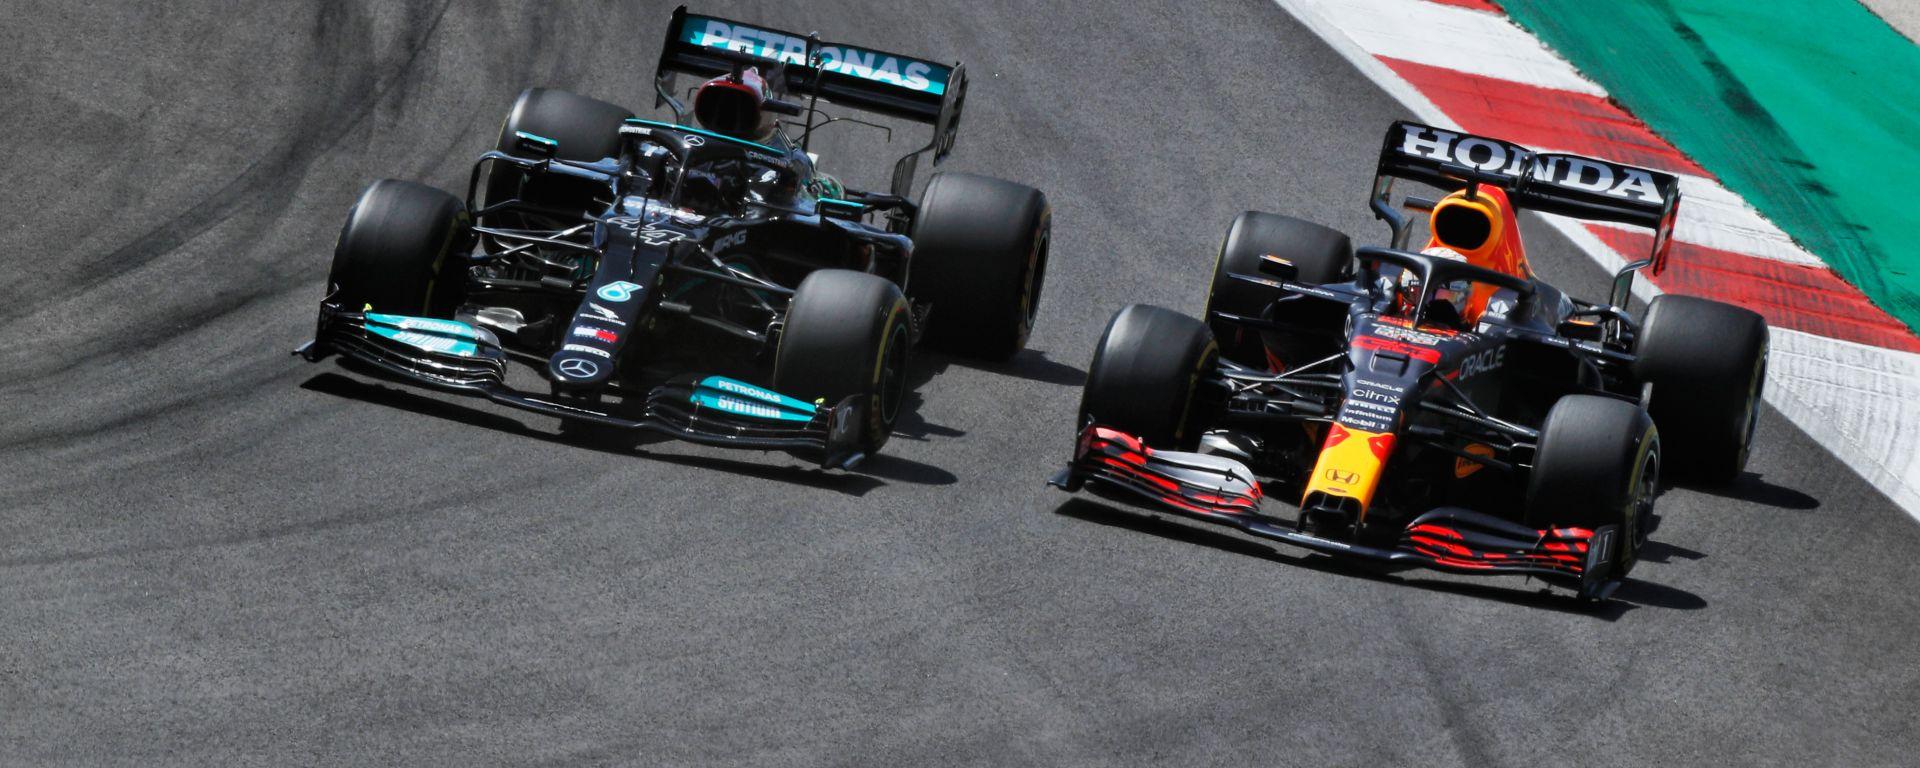 F1 GP Portogallo 2021, Portimao: Max Verstappen (Red Bull) in lotta con Lewis Hamilton (Mercedes)